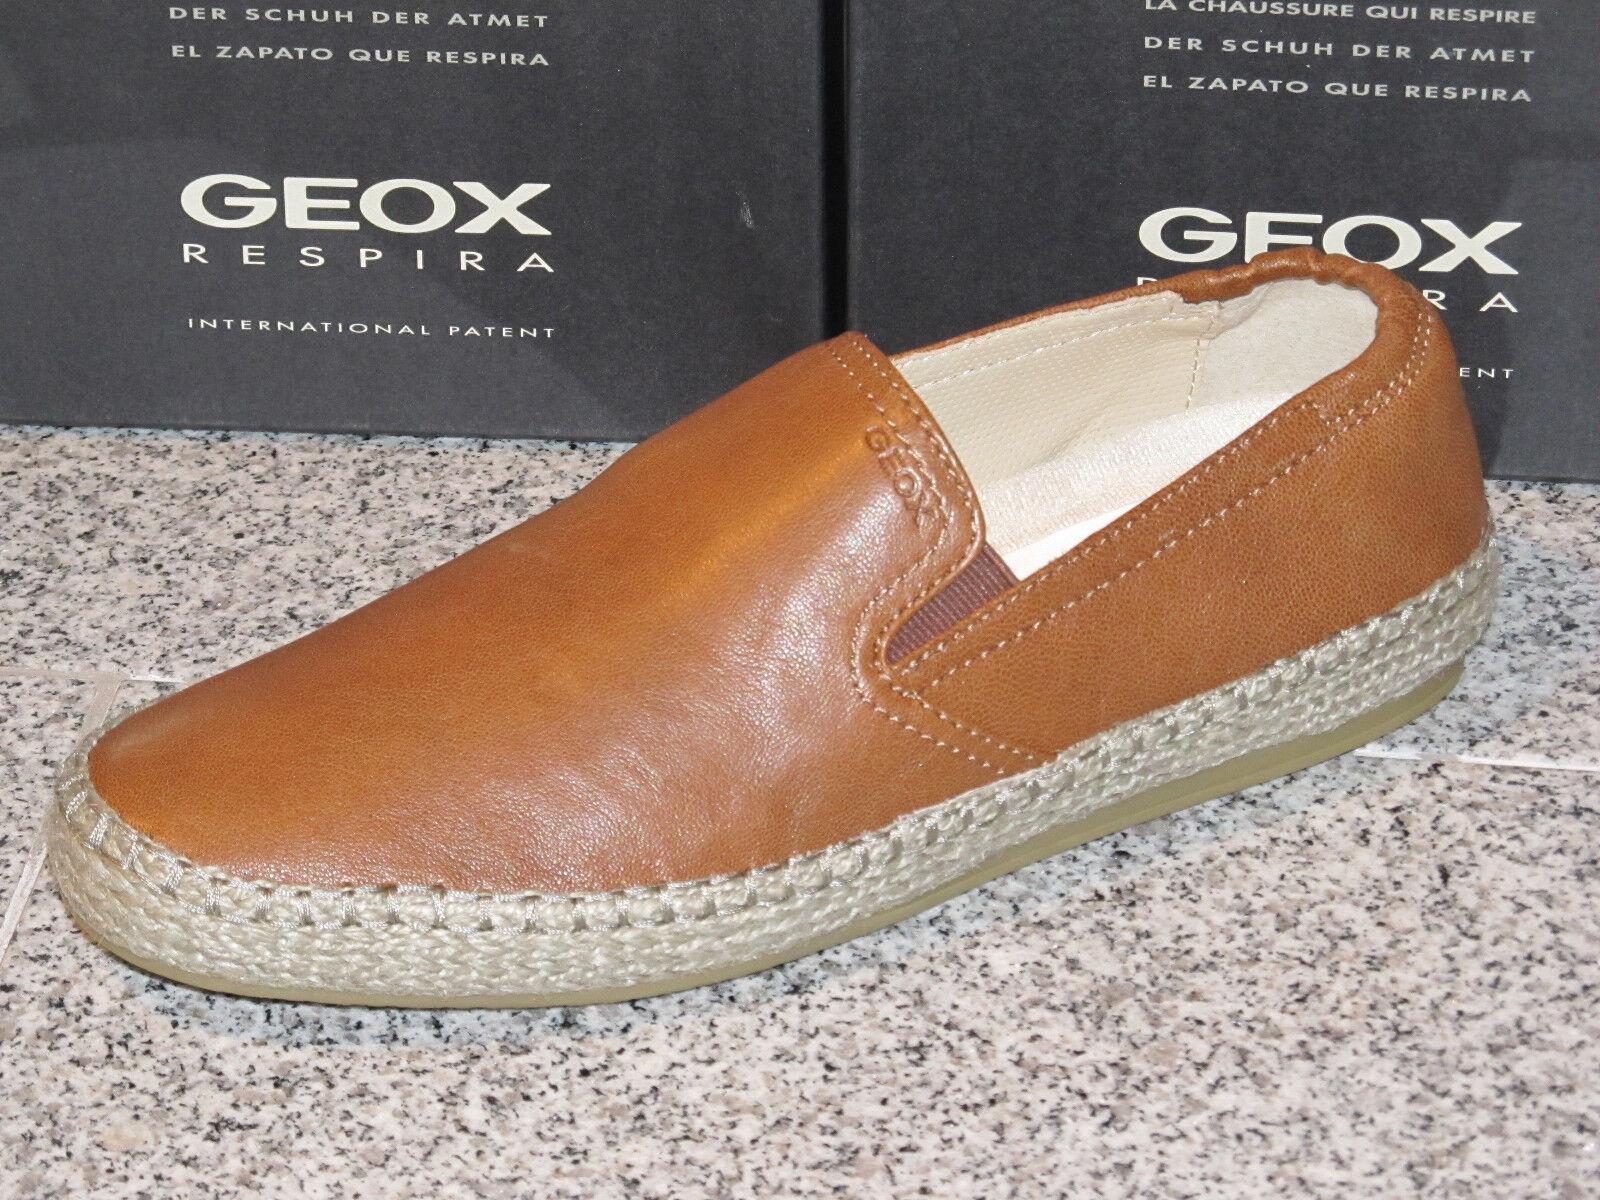 Geox Respira Slipper Schuhe  Leder Herren 42 43 44 45 46 Neu